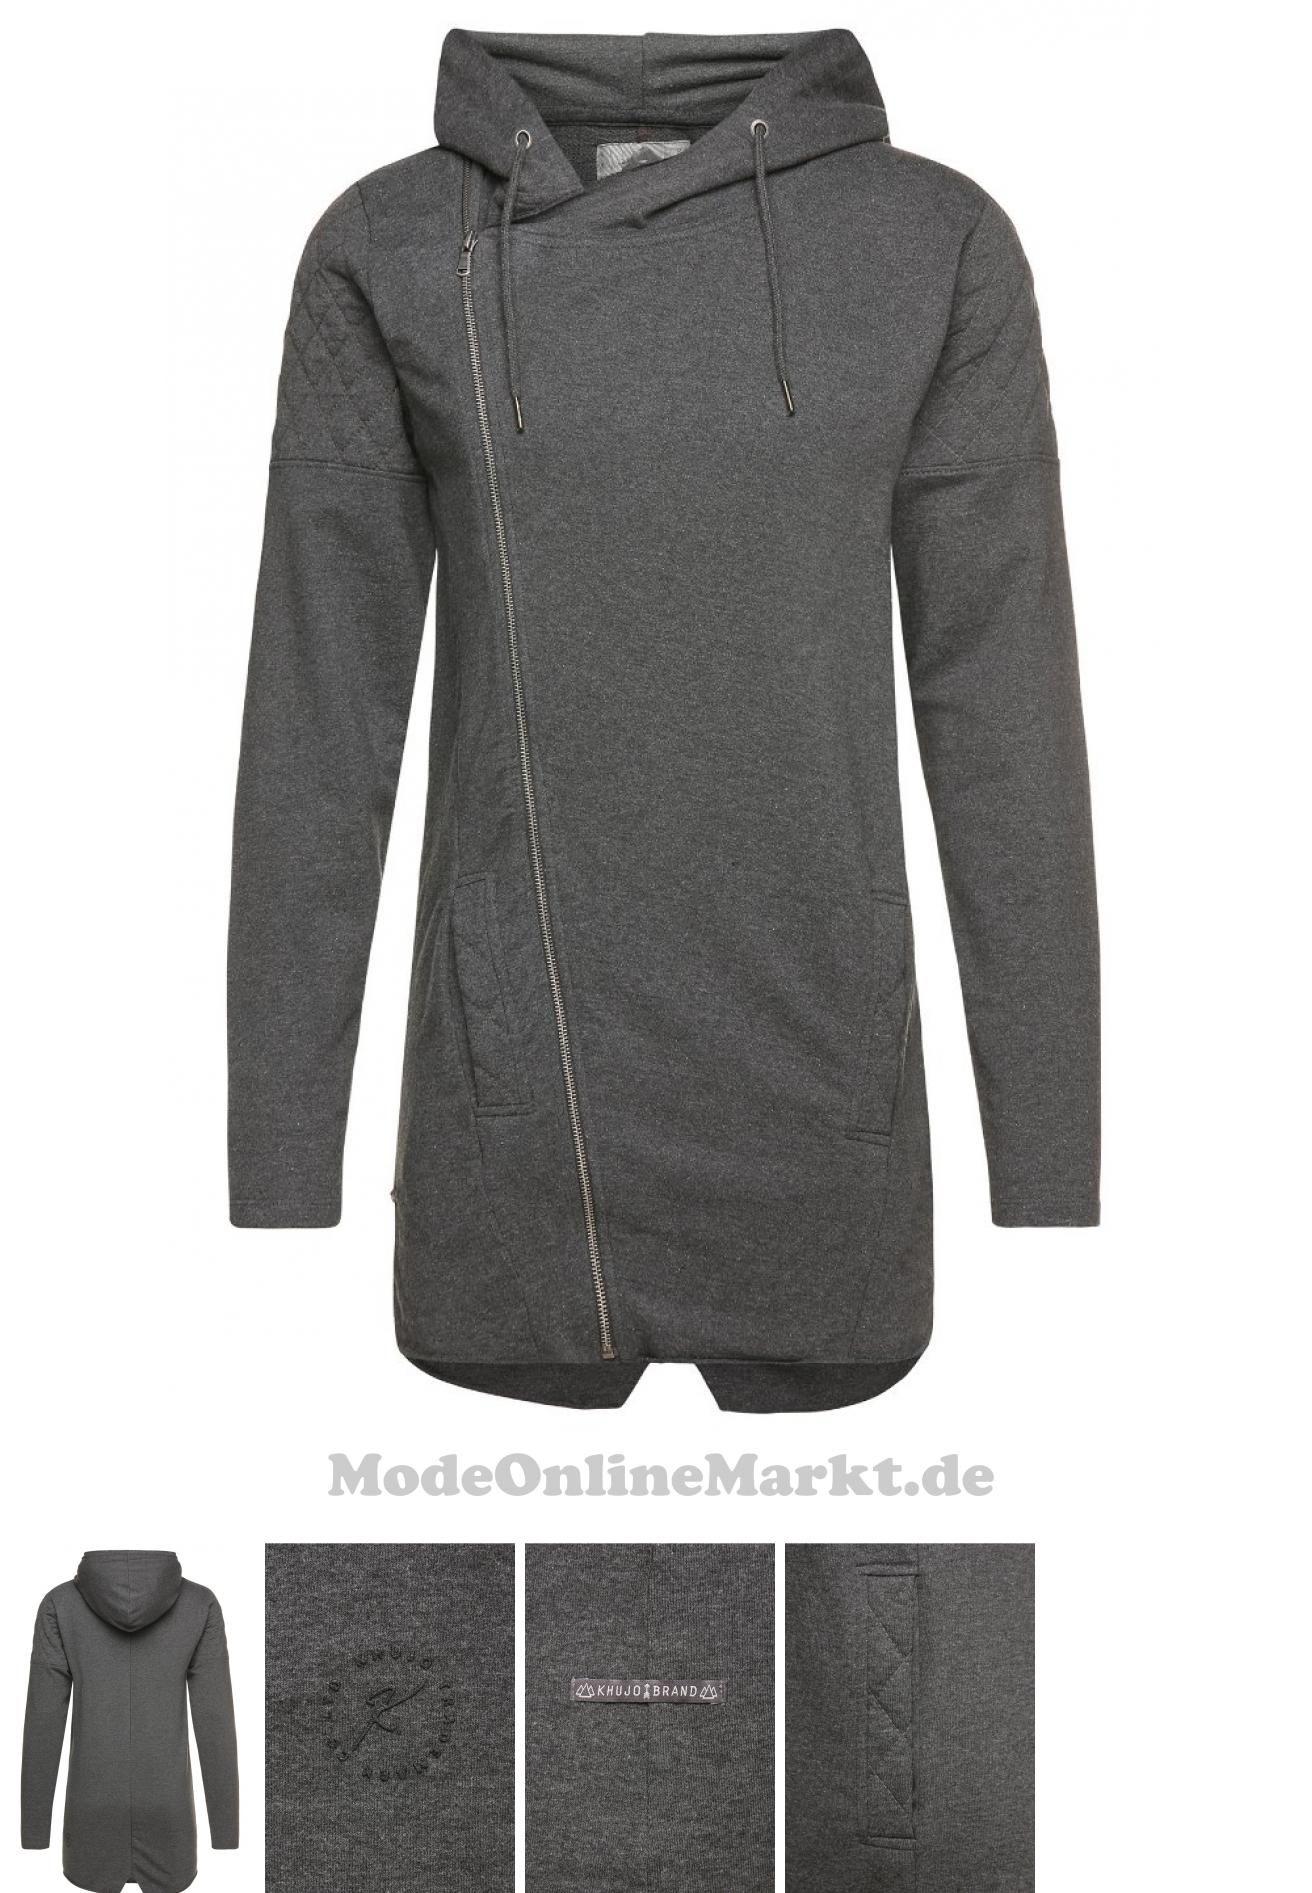 04056852304878 | #khujo #WASCO #Sweatjacke #mottled #dark #grey #für #Herren